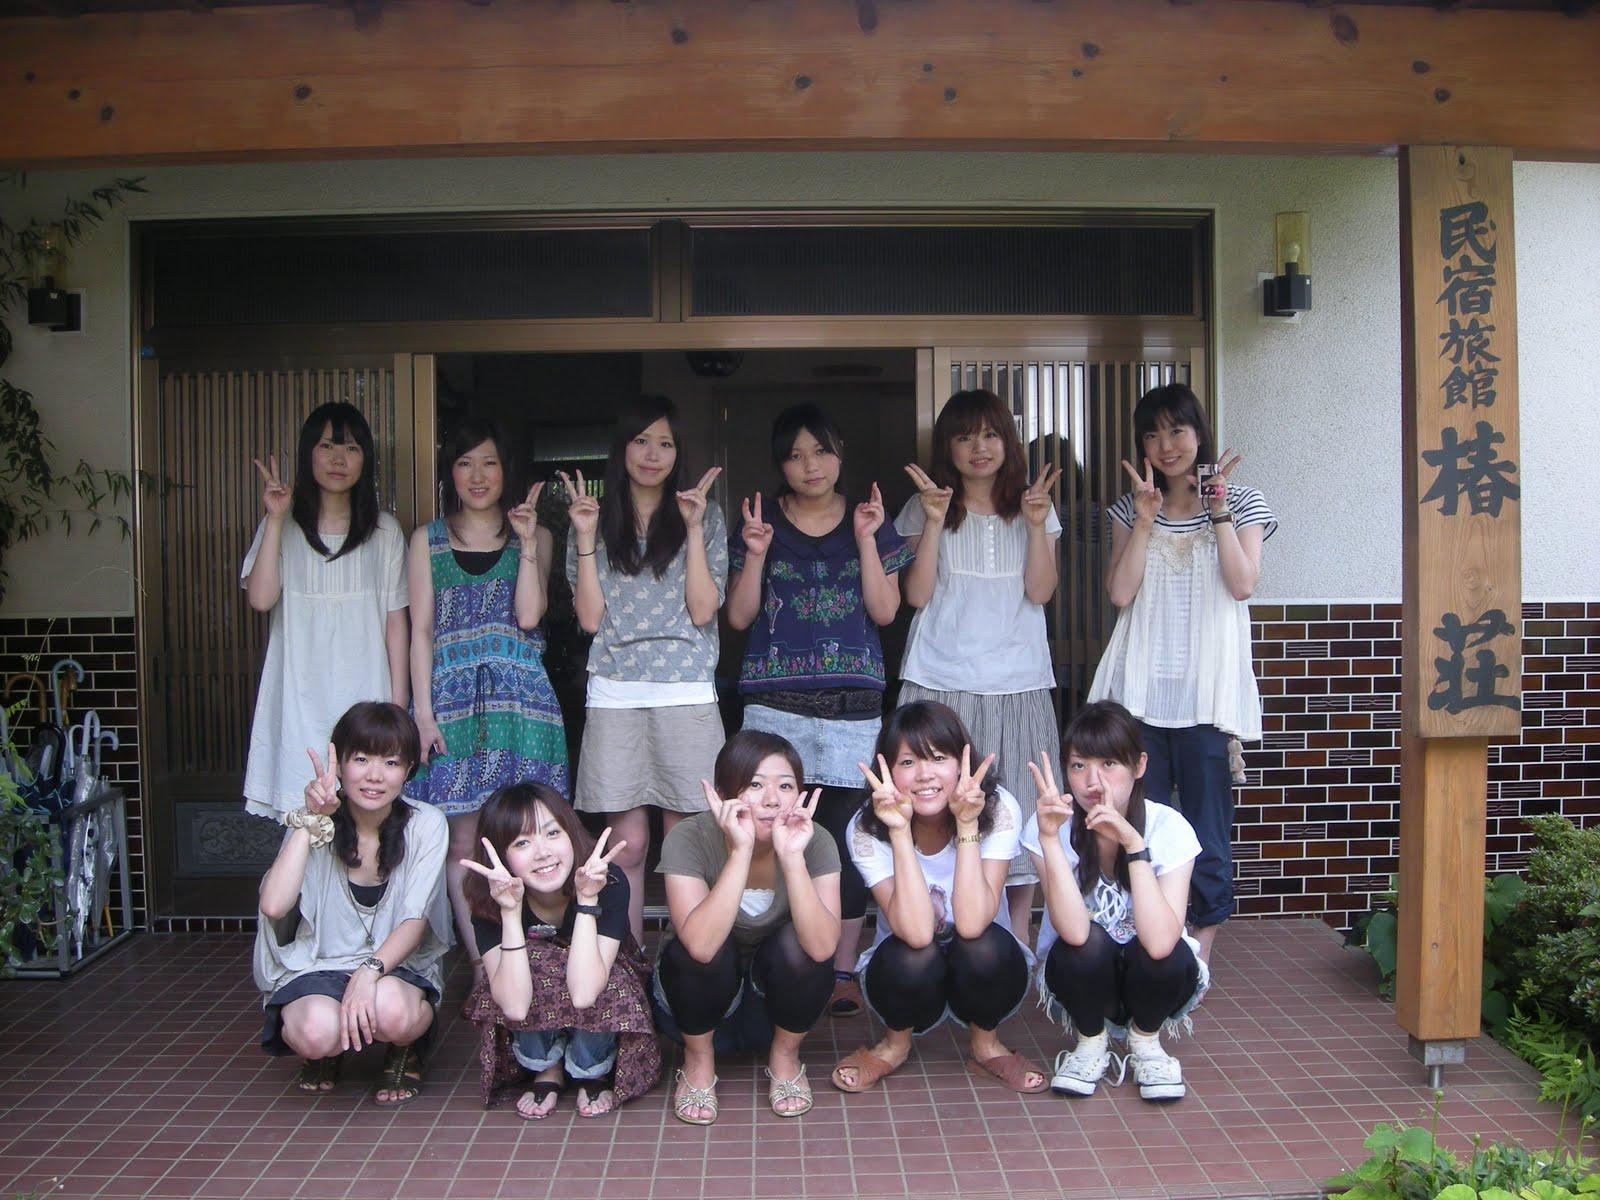 【チラ】Picasa等かわいい娘や熟女 part24【歓迎】YouTube動画>1本 ->画像>587枚